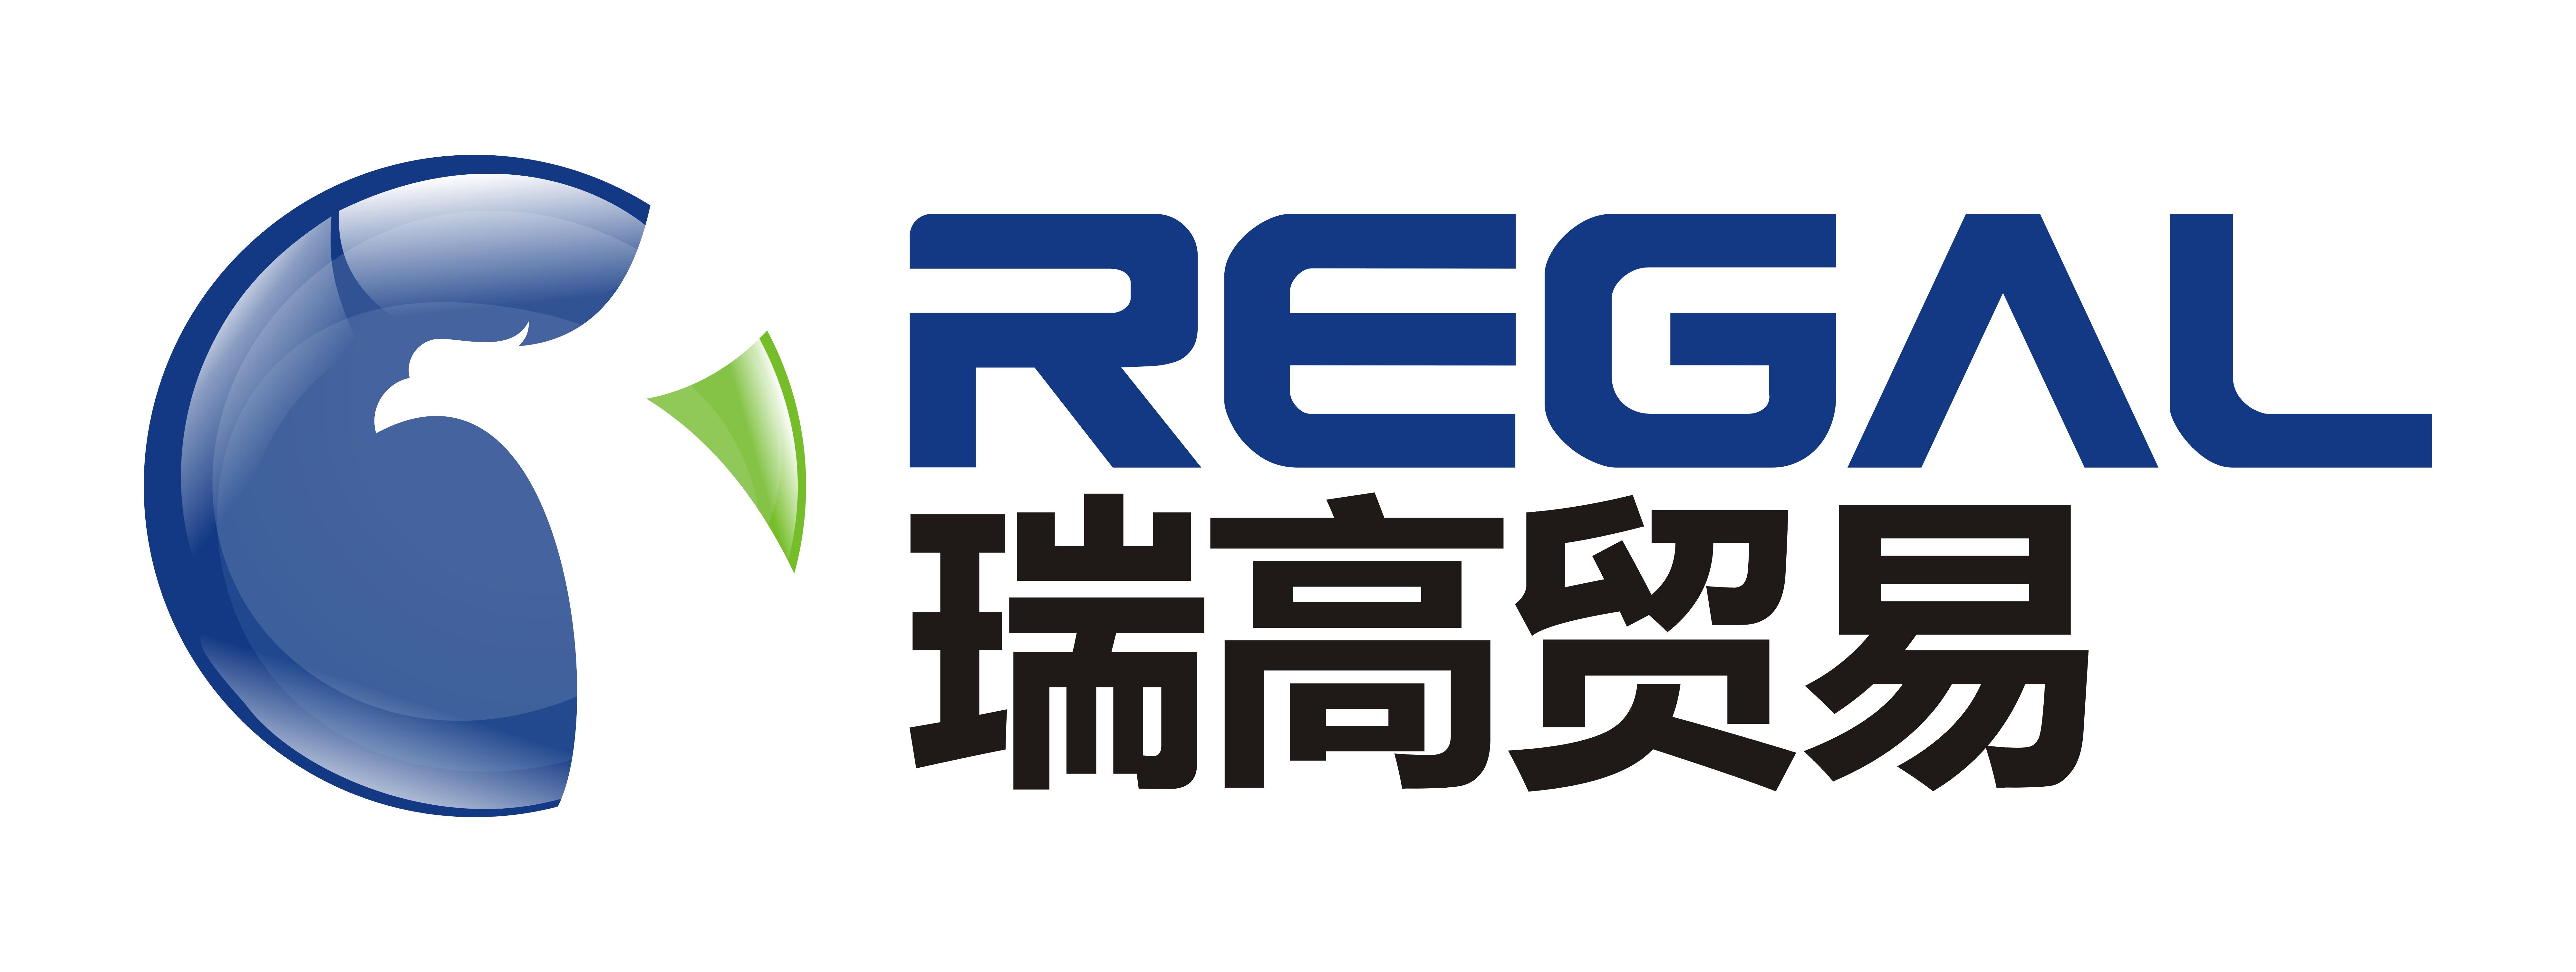 logo logo 标志 设计 矢量 矢量图 素材 图标 7995_3016